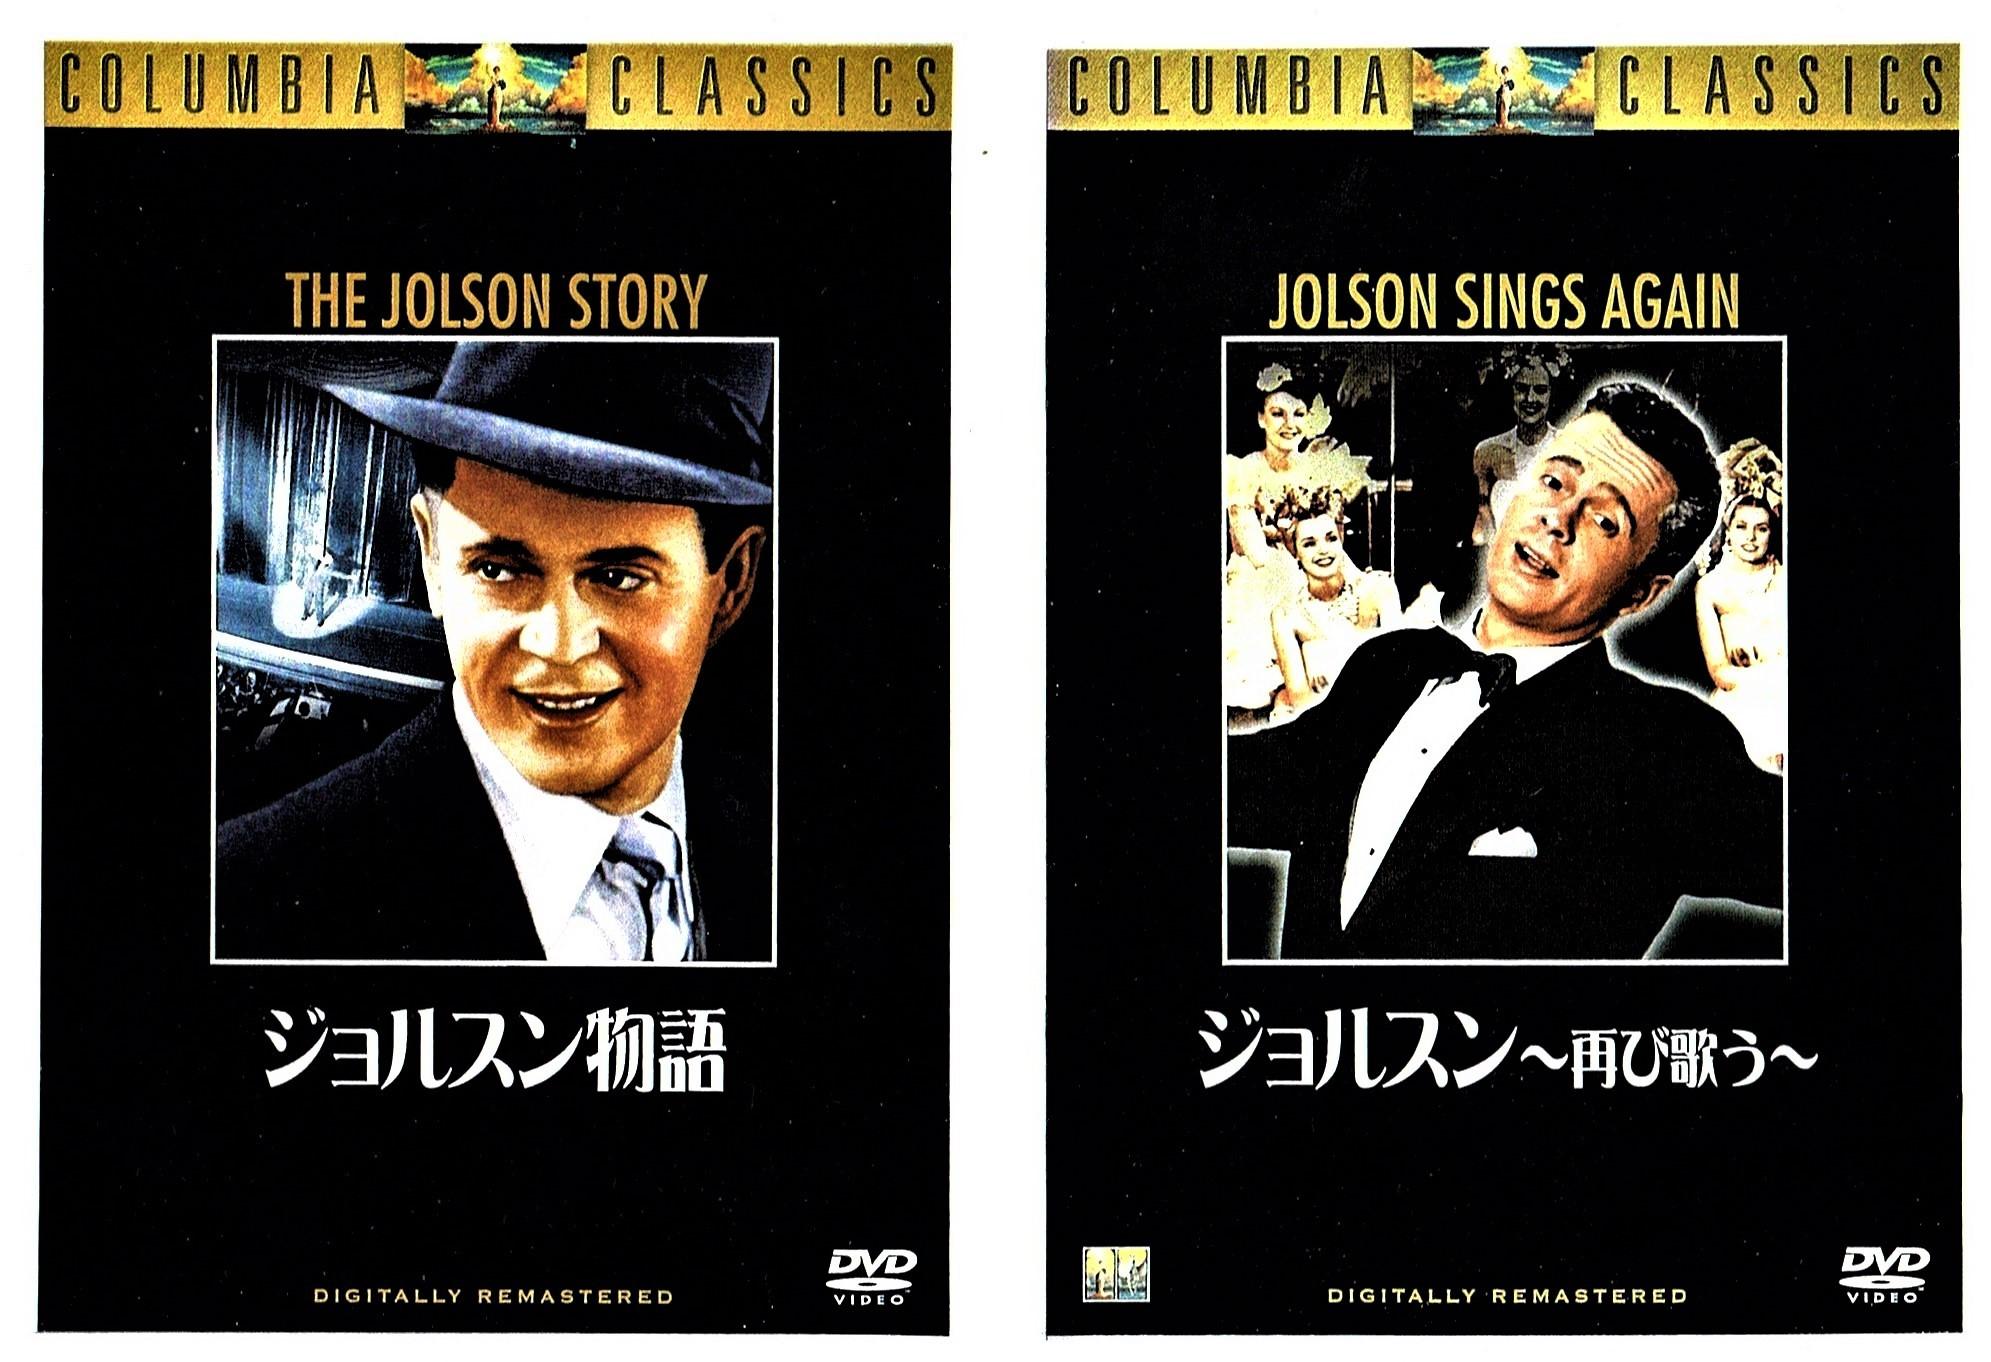 「ジョルスン物語」(1946年)と続編「ジョルスン再び歌う」(1949年)のDVDは、ソニー・ピクチャーズエンタテインメントよりリリース。